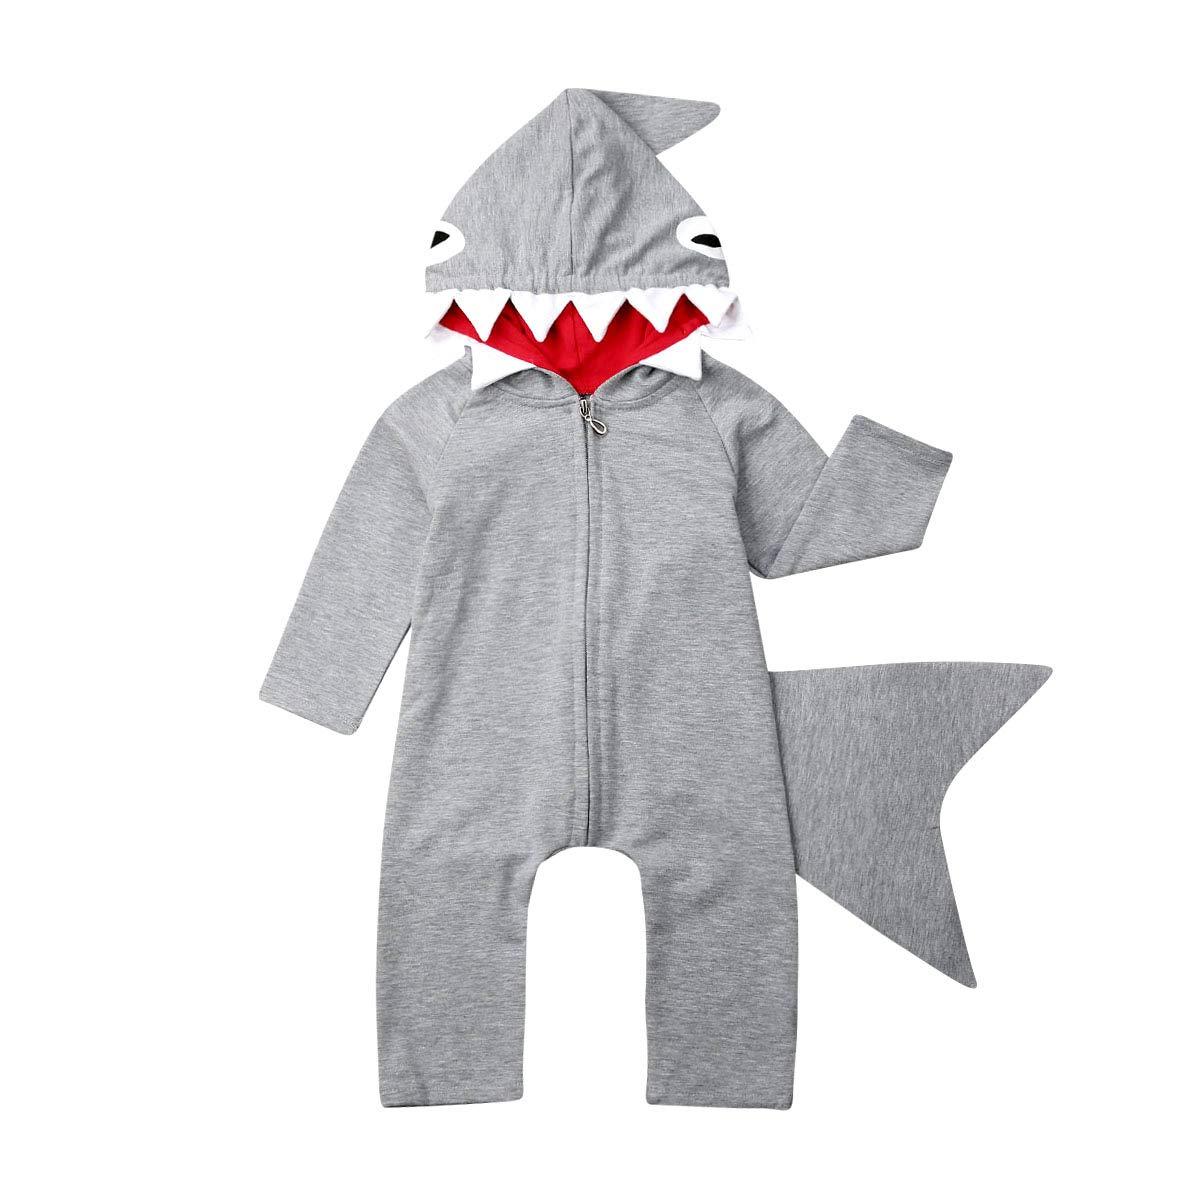 Newborn Infant Kids Boys Girls Cute Cartoon Shark Long Sleeve Zipper Hooded Romper Jumpsuit Top Outfits Clothes